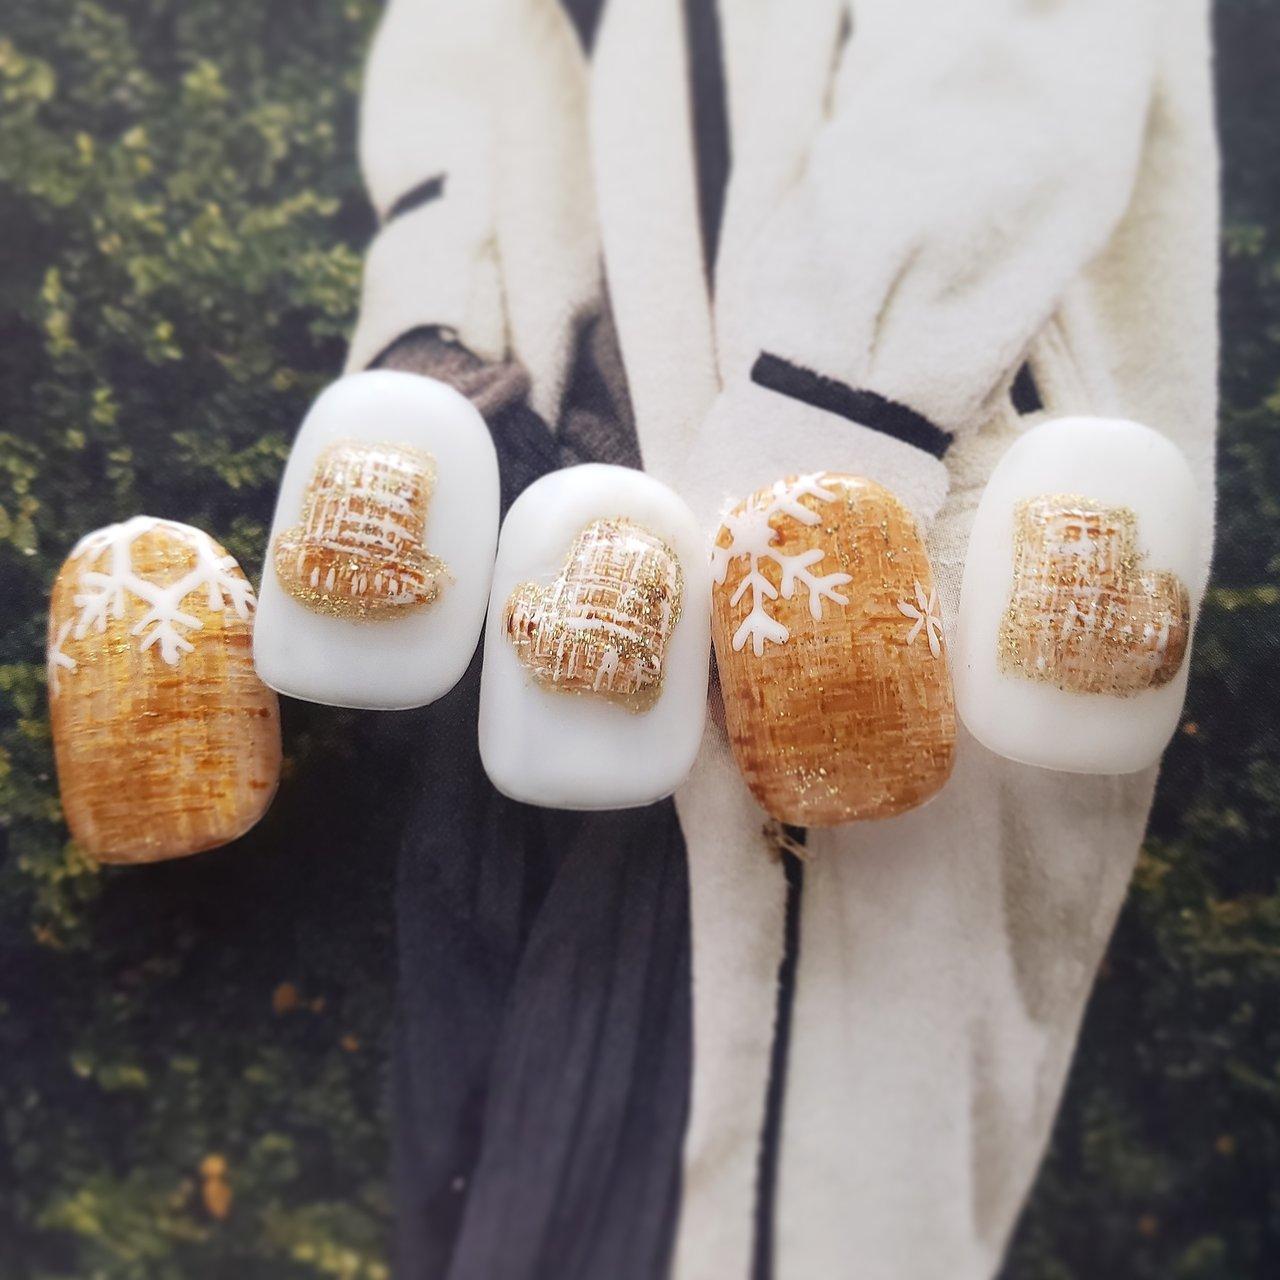 #冬 #ハンド #ワンカラー #3D #ツイード #ショート #ホワイト #ベージュ #ブラウン #ジェル #ネイルチップ #salondevivi_nail #ネイルブック